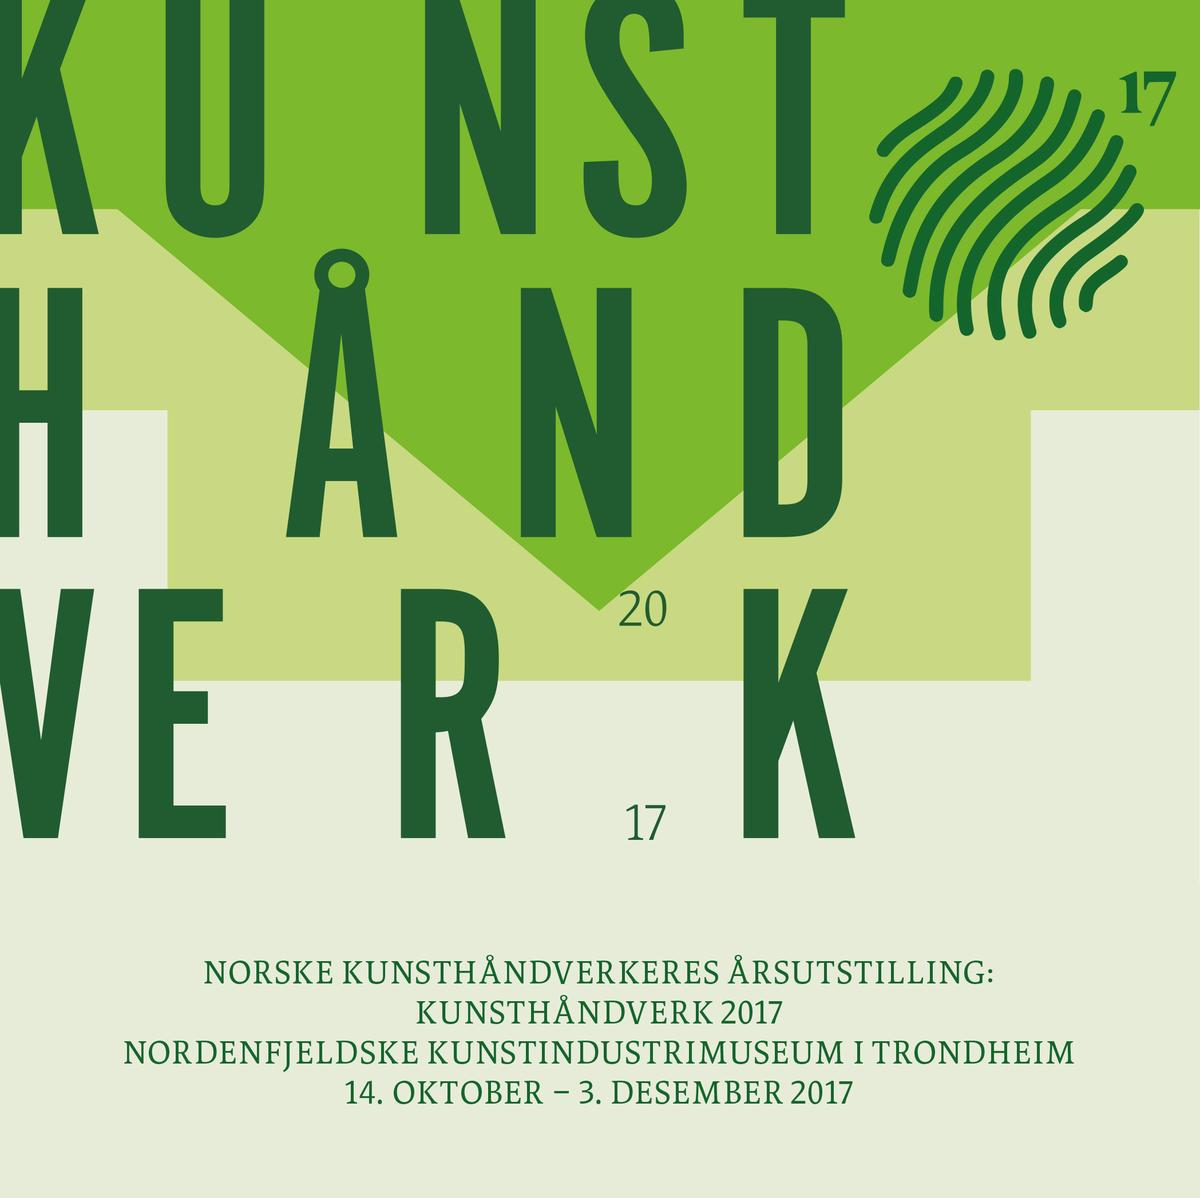 Kunsthandverk_2017_kvadrat.jpg